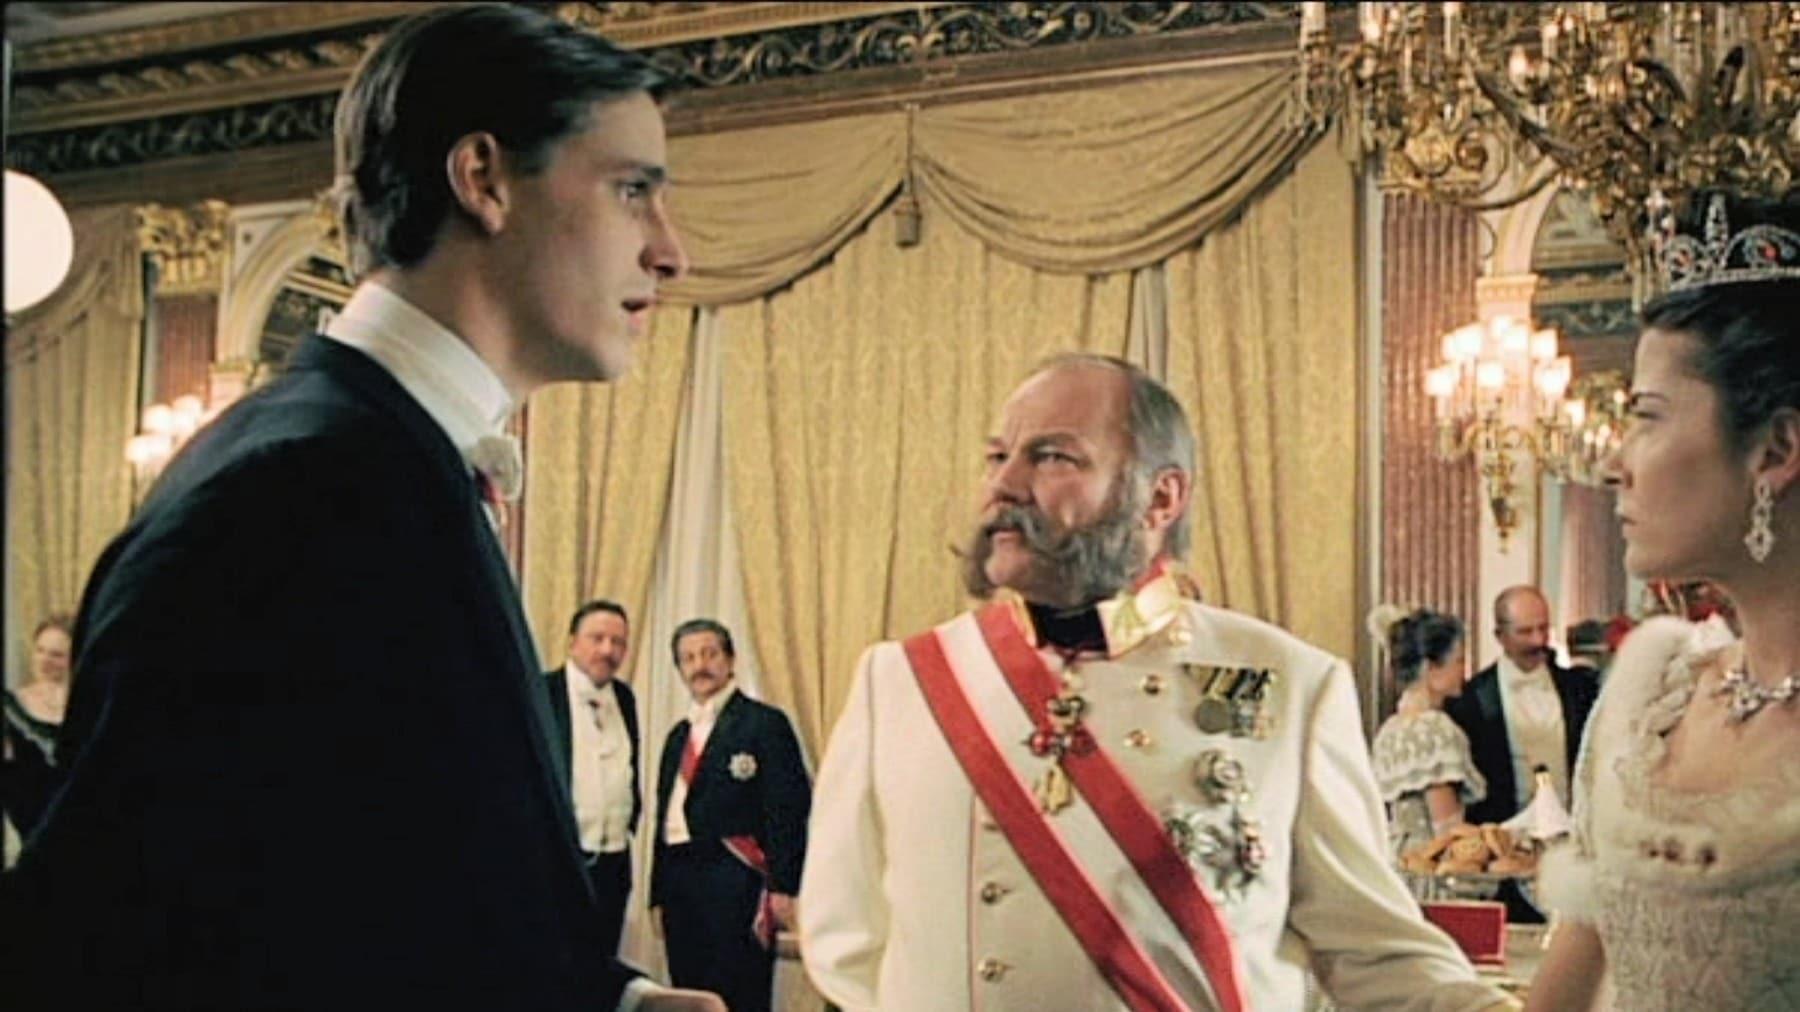 The crown prince movie imdb - Christmas movies on demand 2013